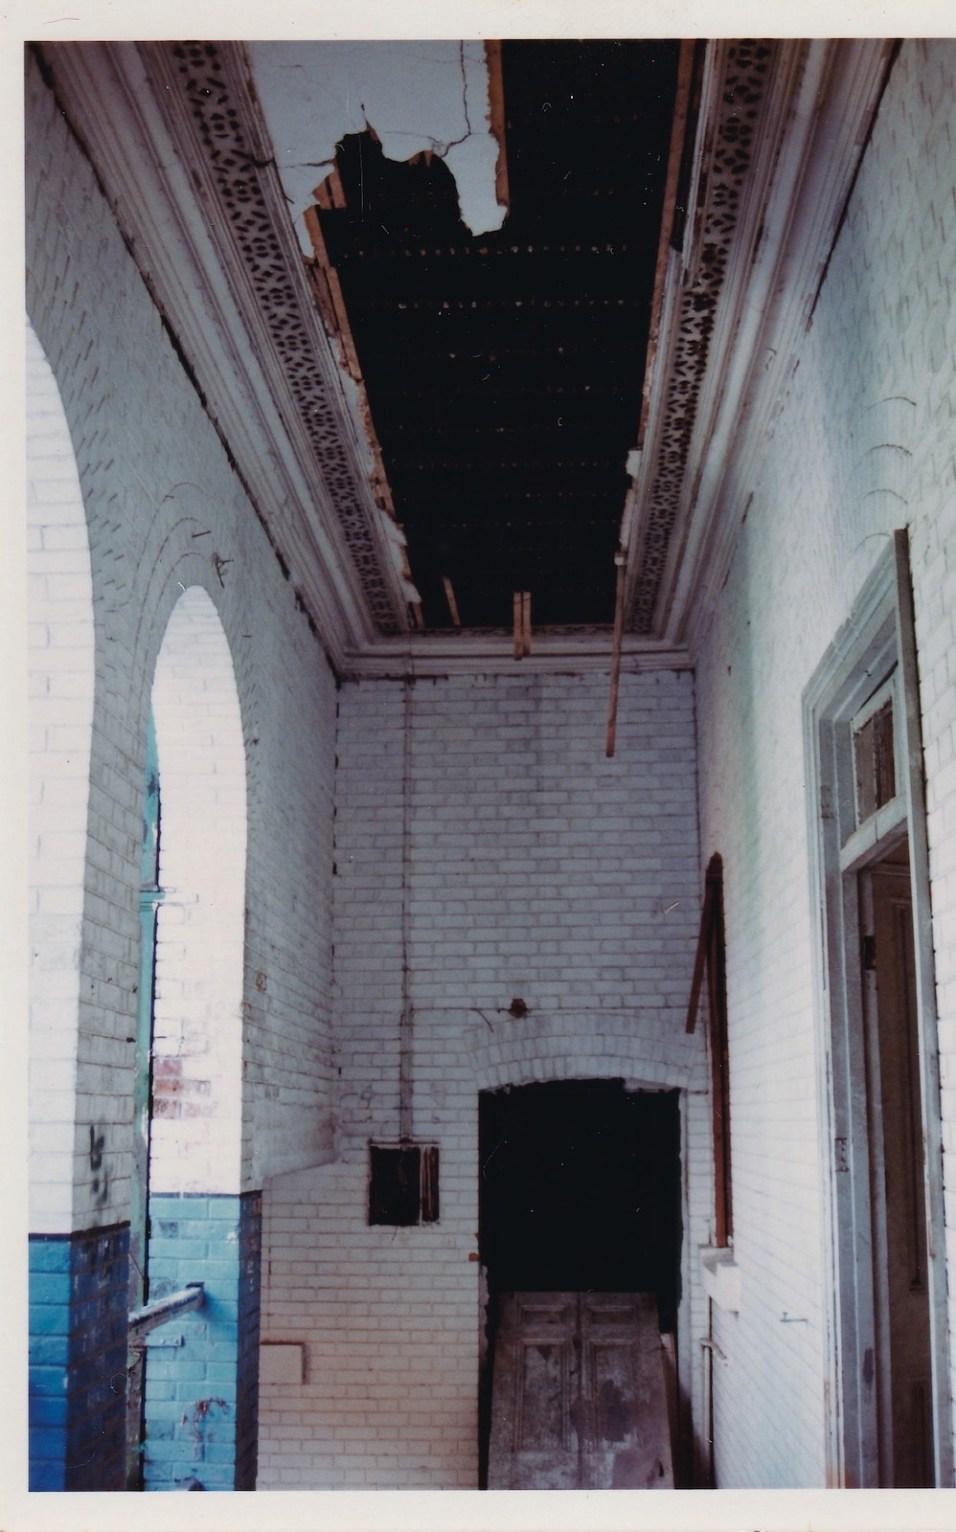 二樓向街走廊,是白色牆身。